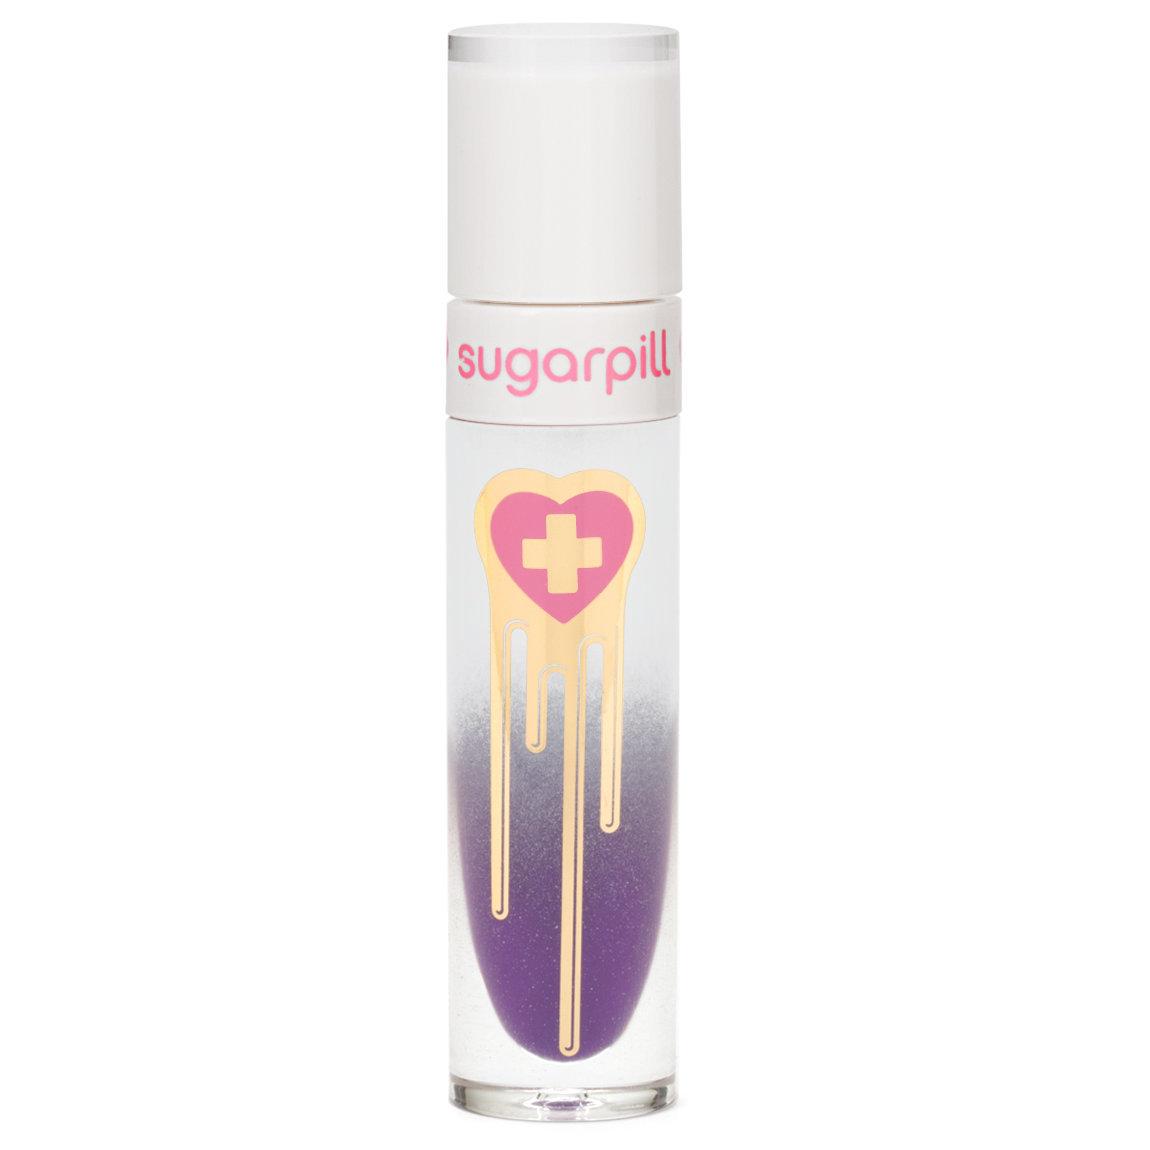 Sugarpill Cosmetics Liquid Lip Color Spank alternative view 1.